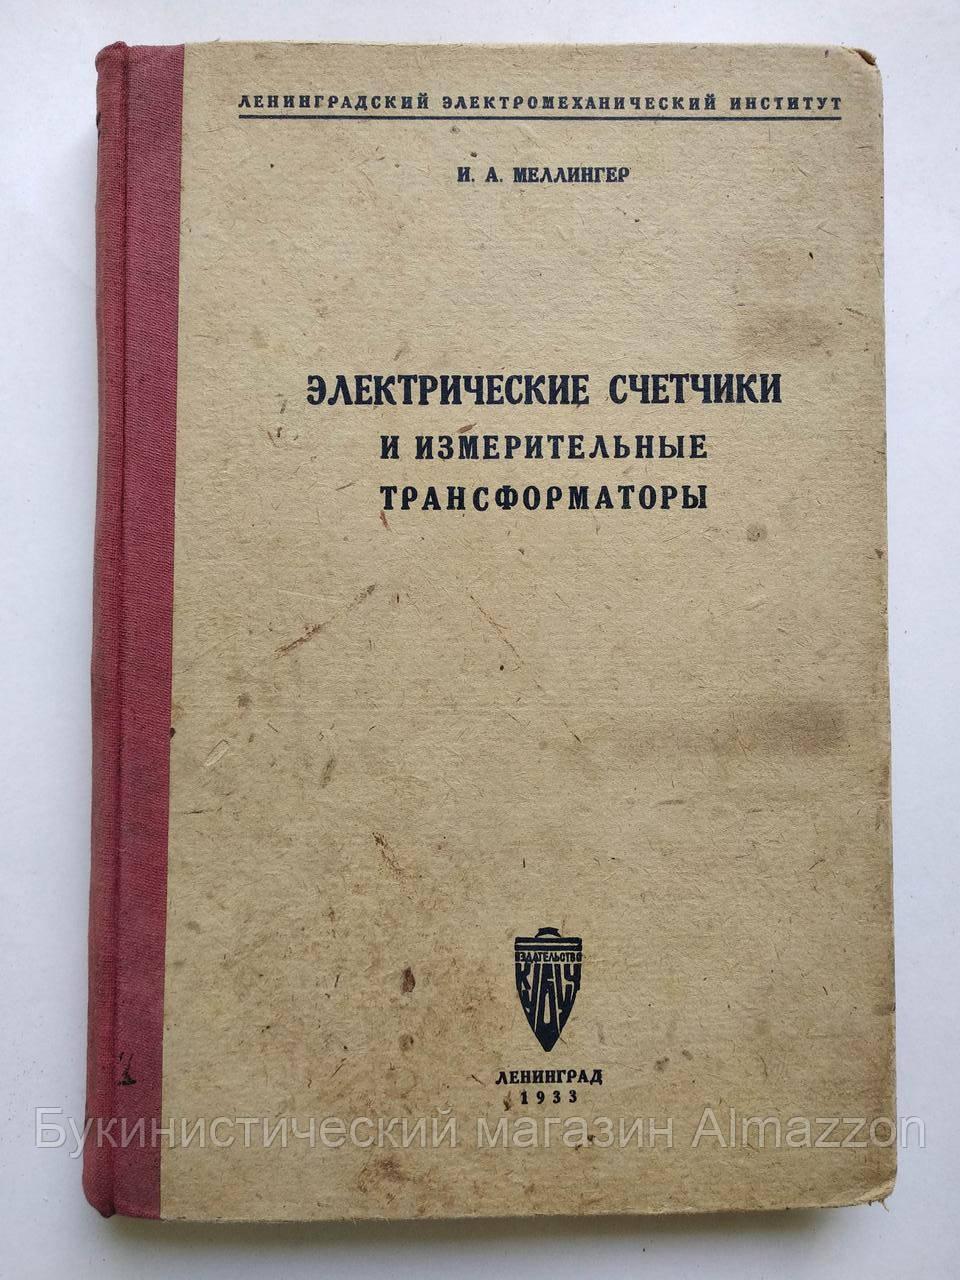 Электрические счетчики и измерительные трансформаторы И.Меллингер 1933 год